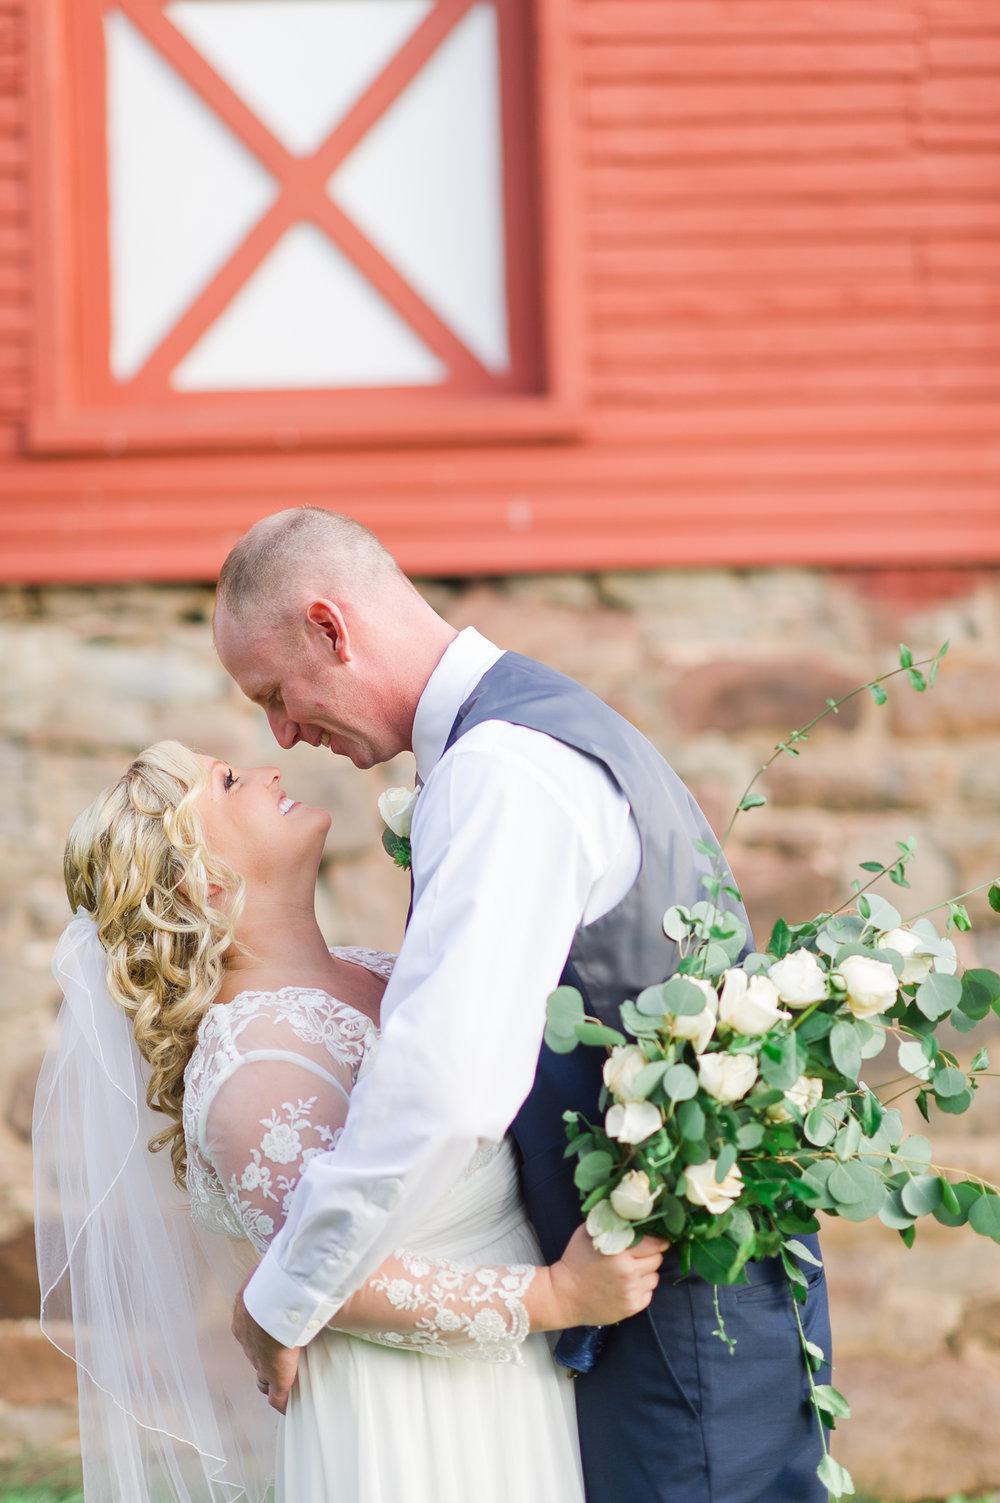 courthouse wedding intimate ceremony maryland photography offbeat